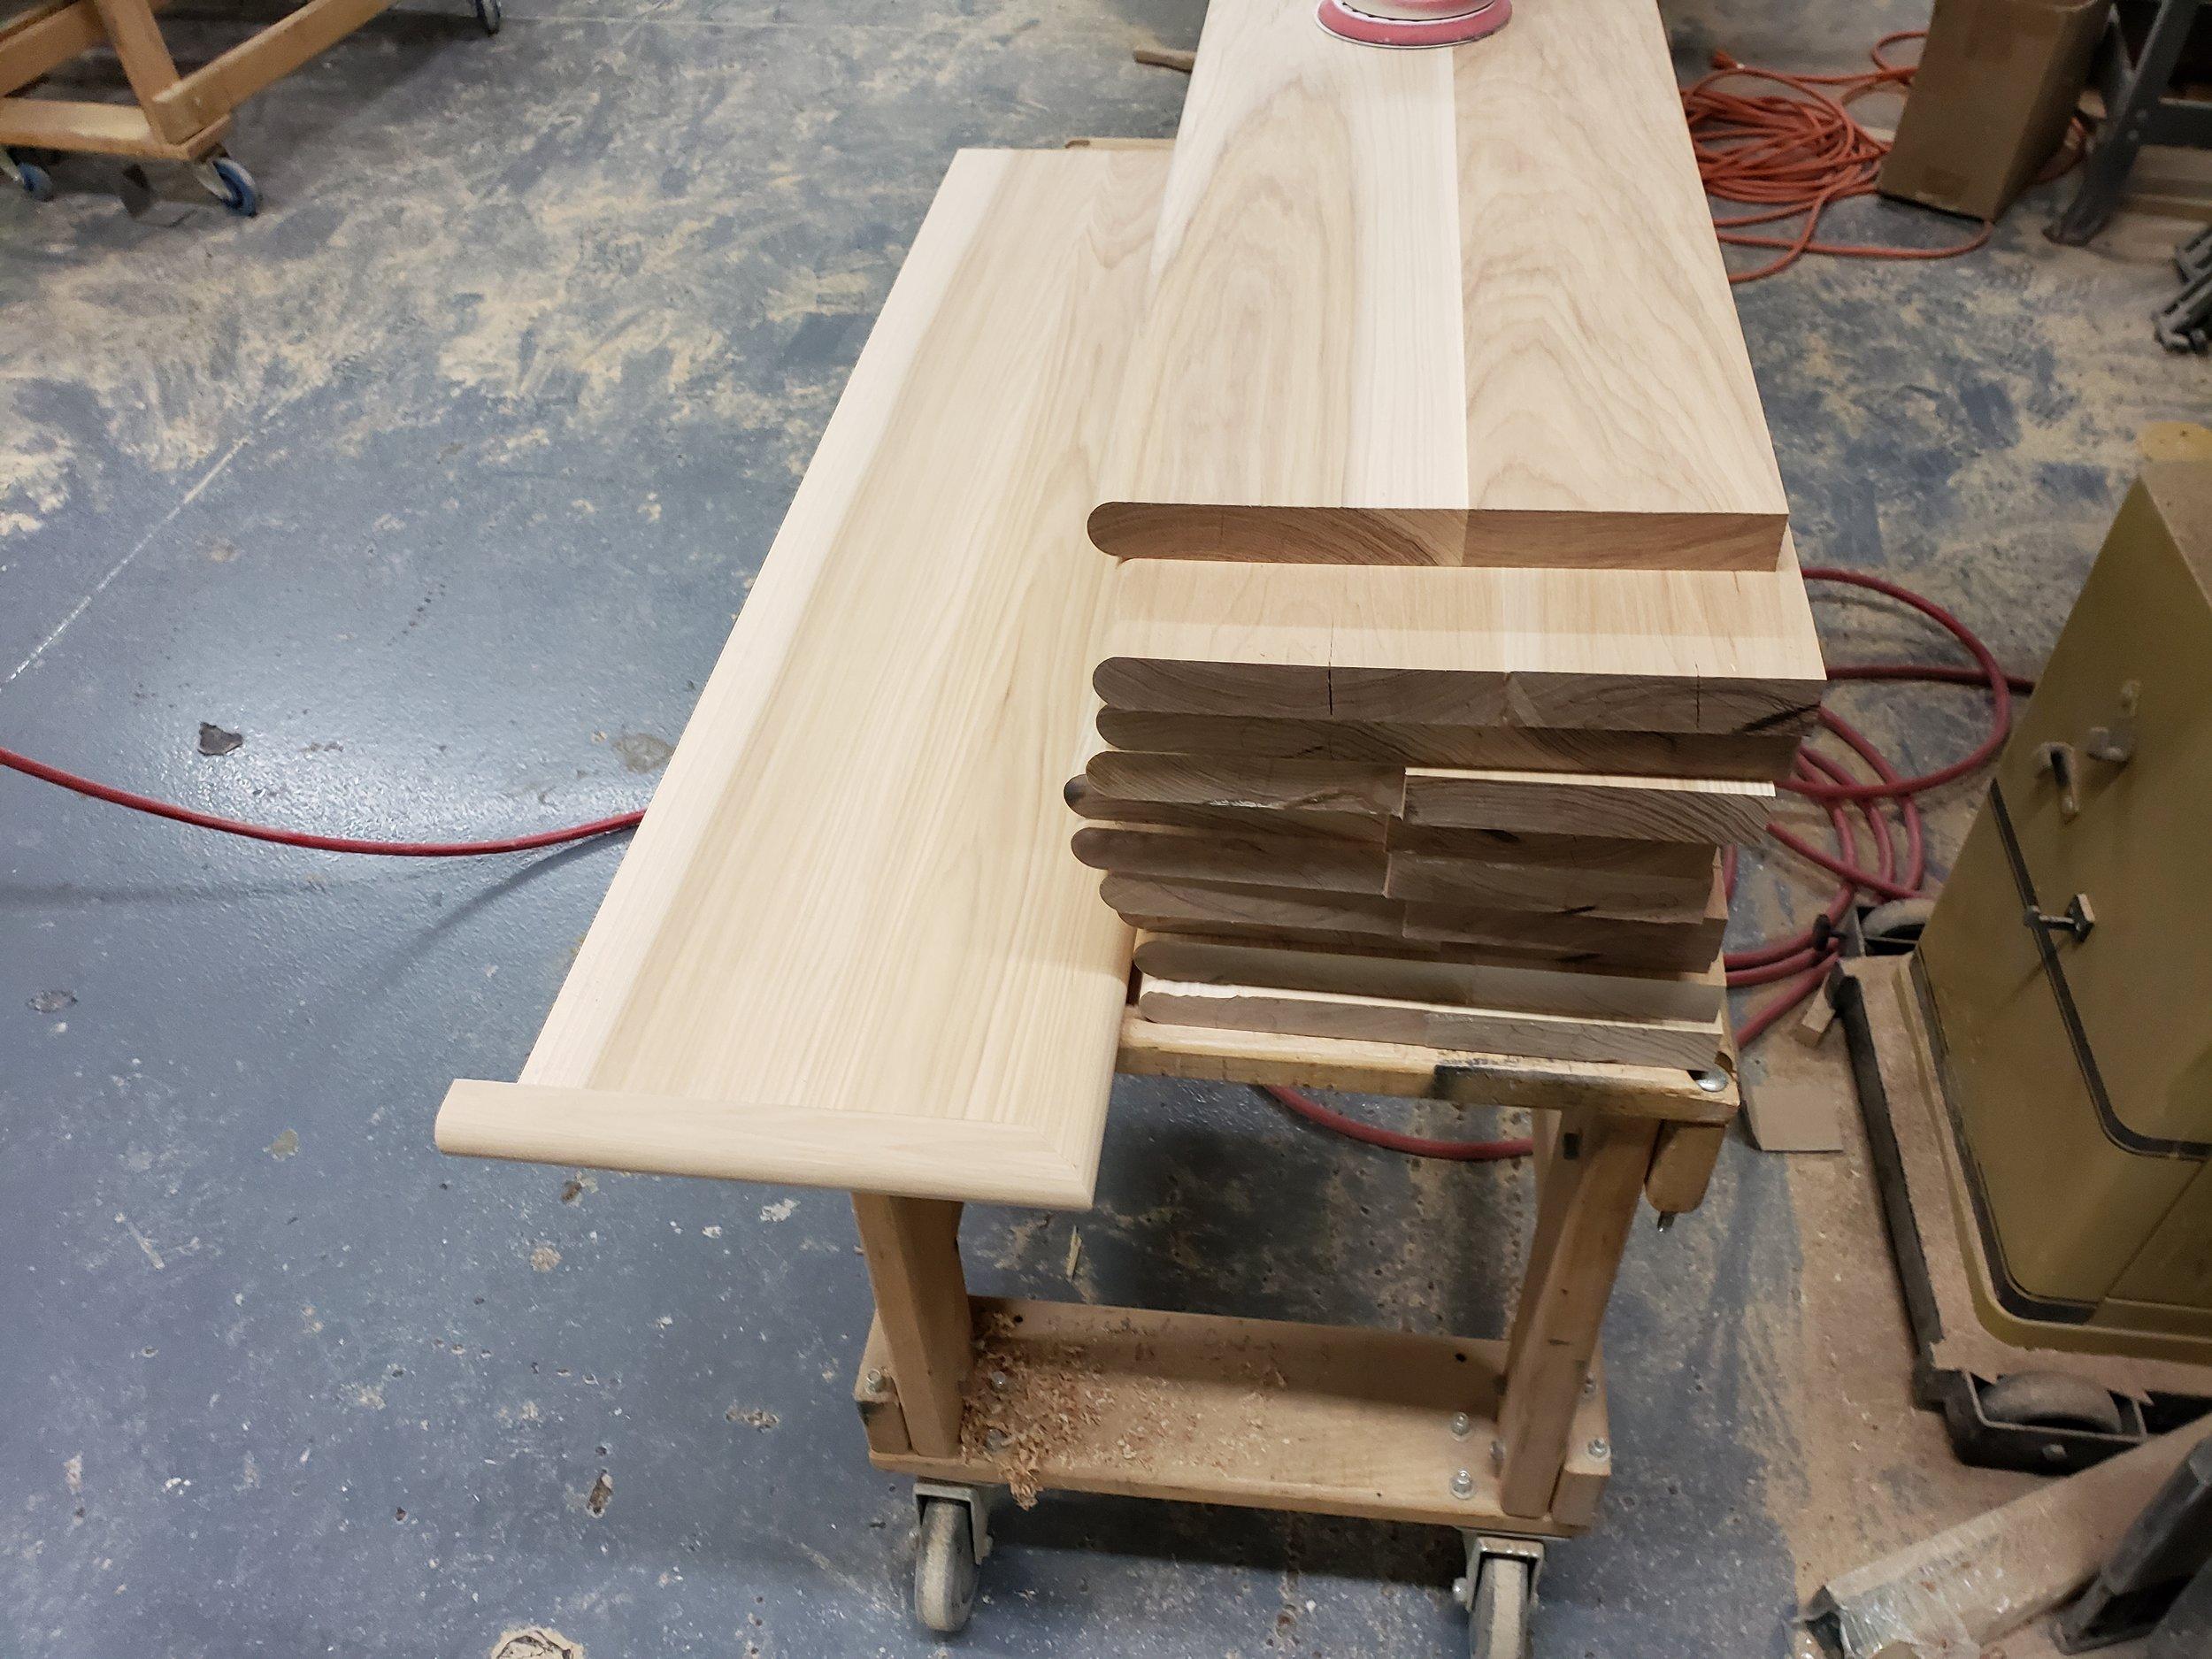 board-sanding.jpg